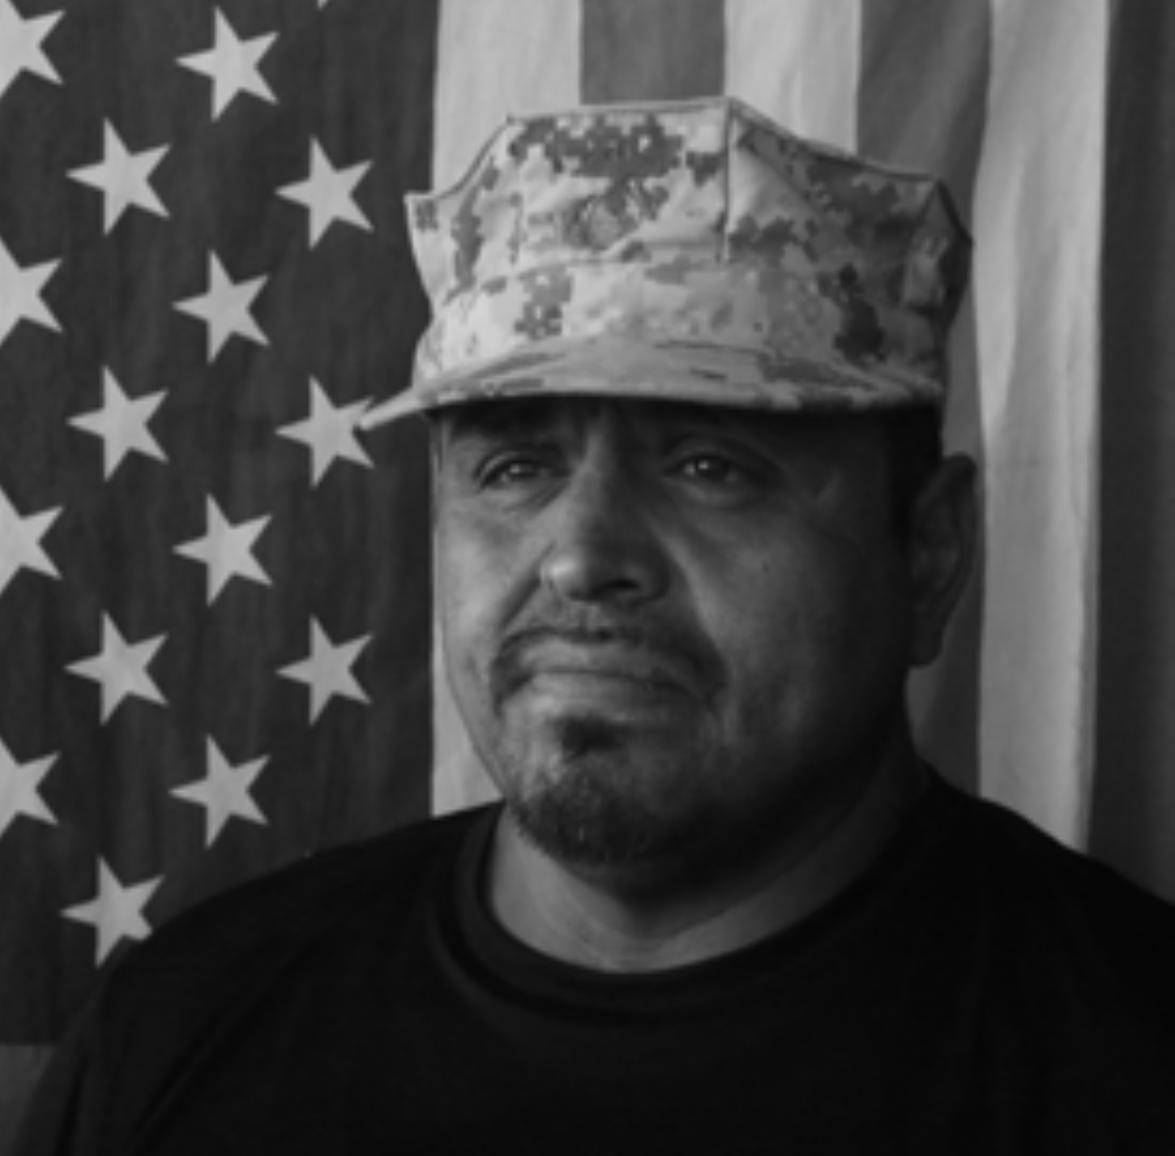 Un Informe De ACLU Pide Reformas Para Que Los Soldados Indocumentados No Sean Deportados